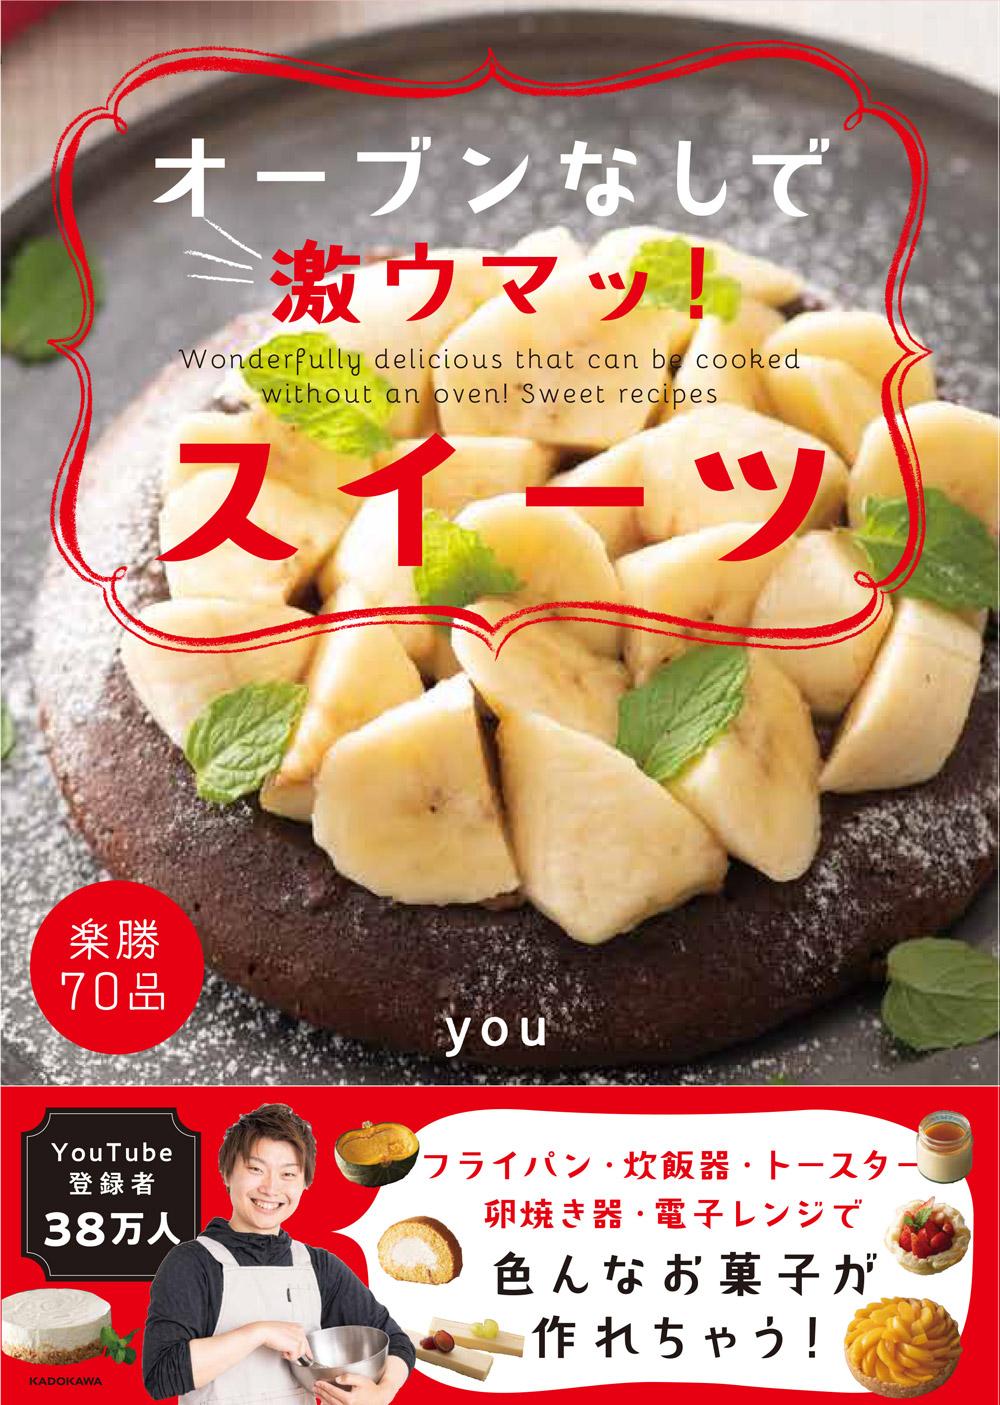 写真は、『オーブンなしで激ウマッ!スイーツ』(KADOKAWA)